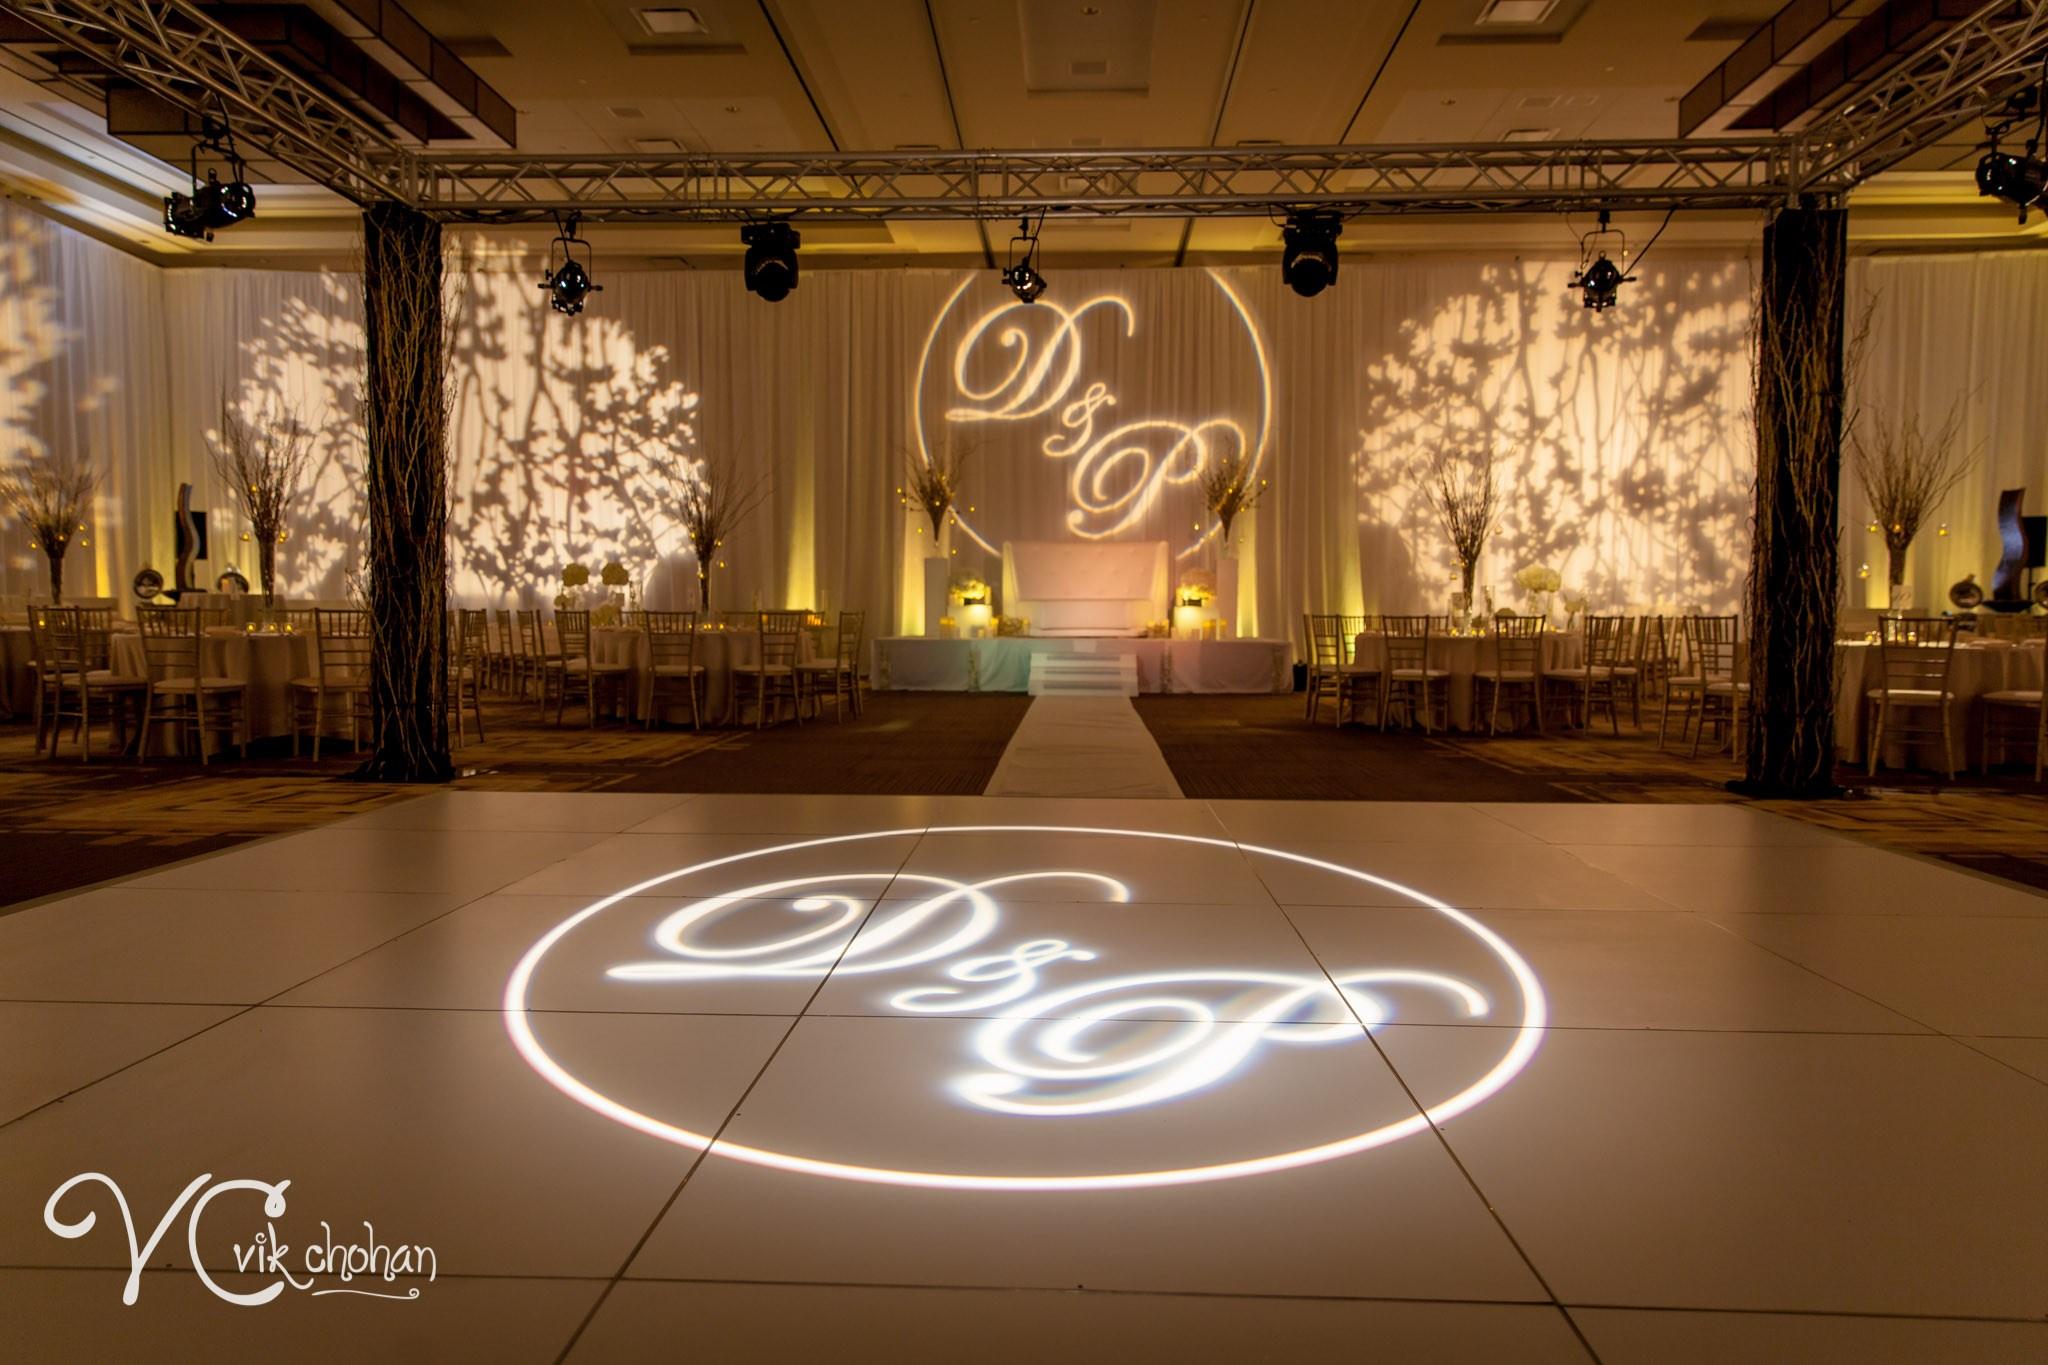 Deepa__Parry_Wedding_Reception-Vik-Chohan-010.jpg